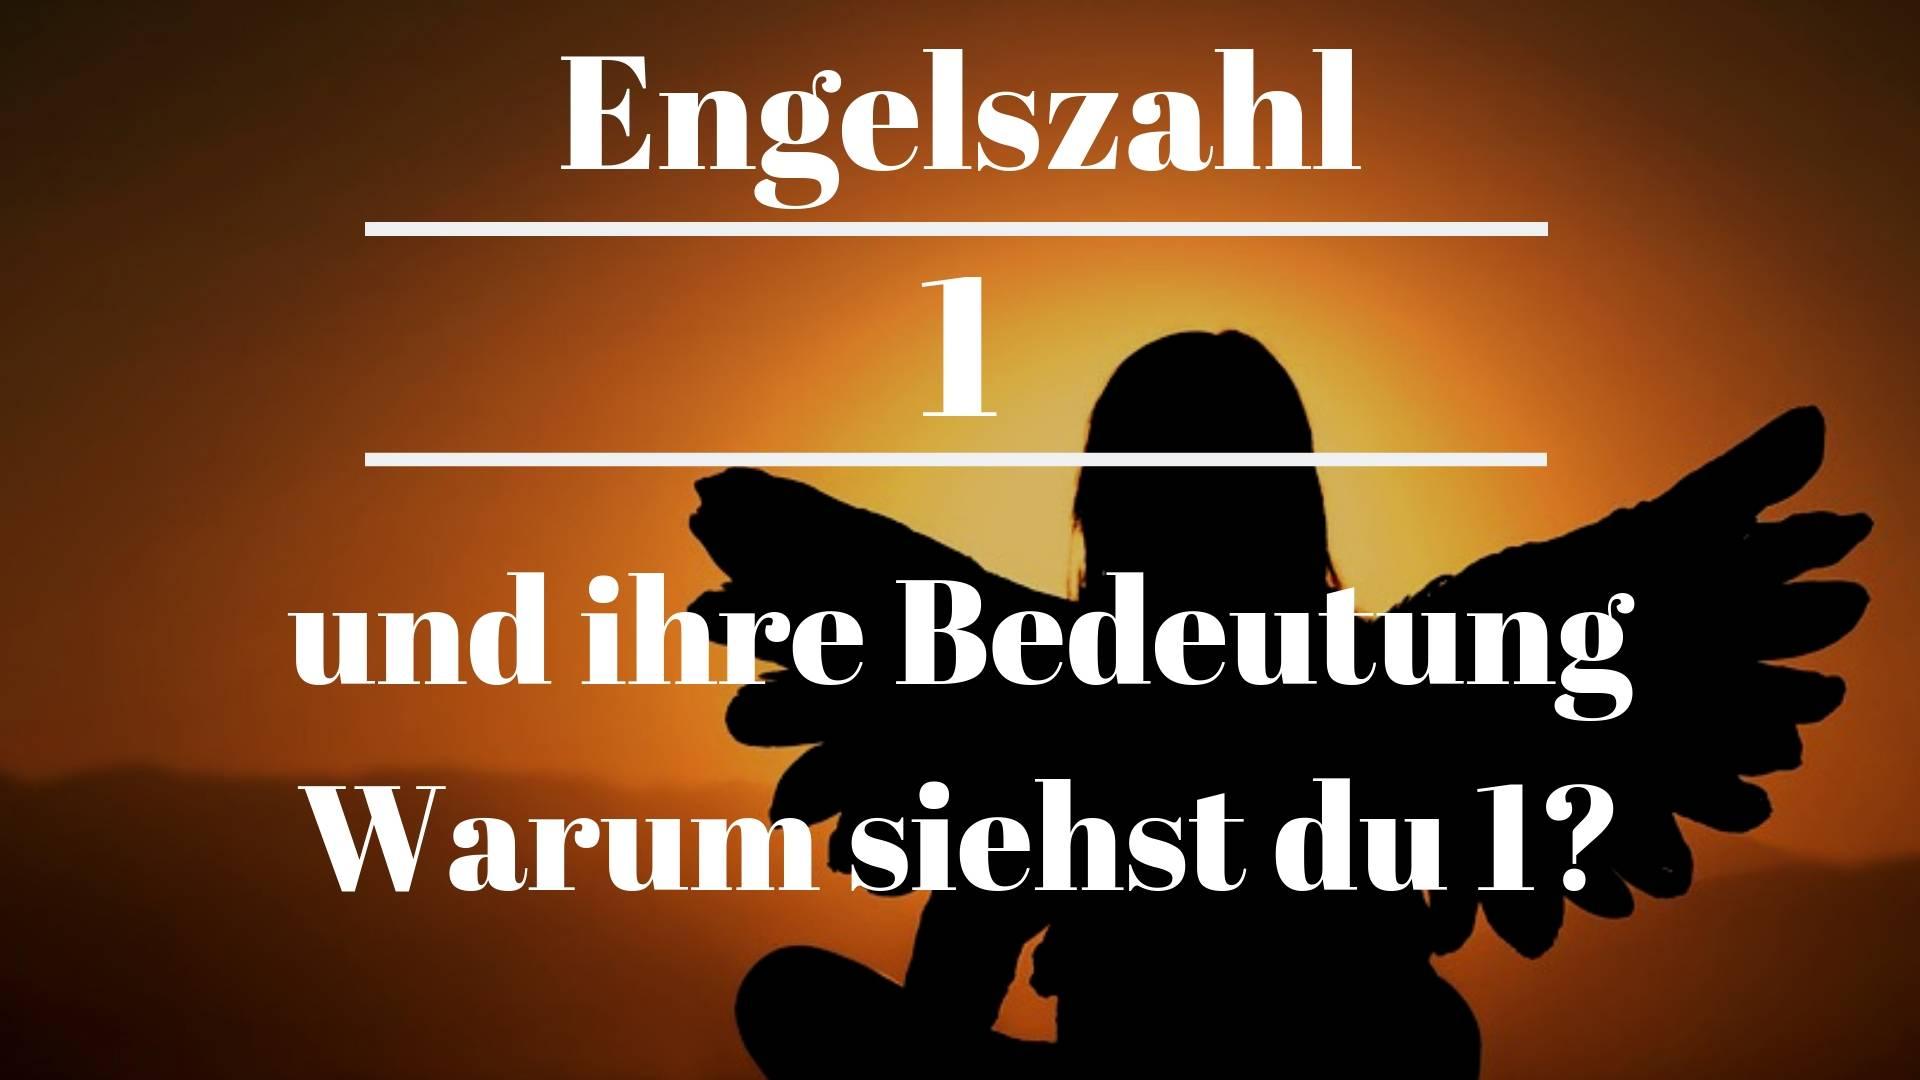 Engelszahl 1 und ihre Bedeutung – Warum siehst du die Nummer 1?